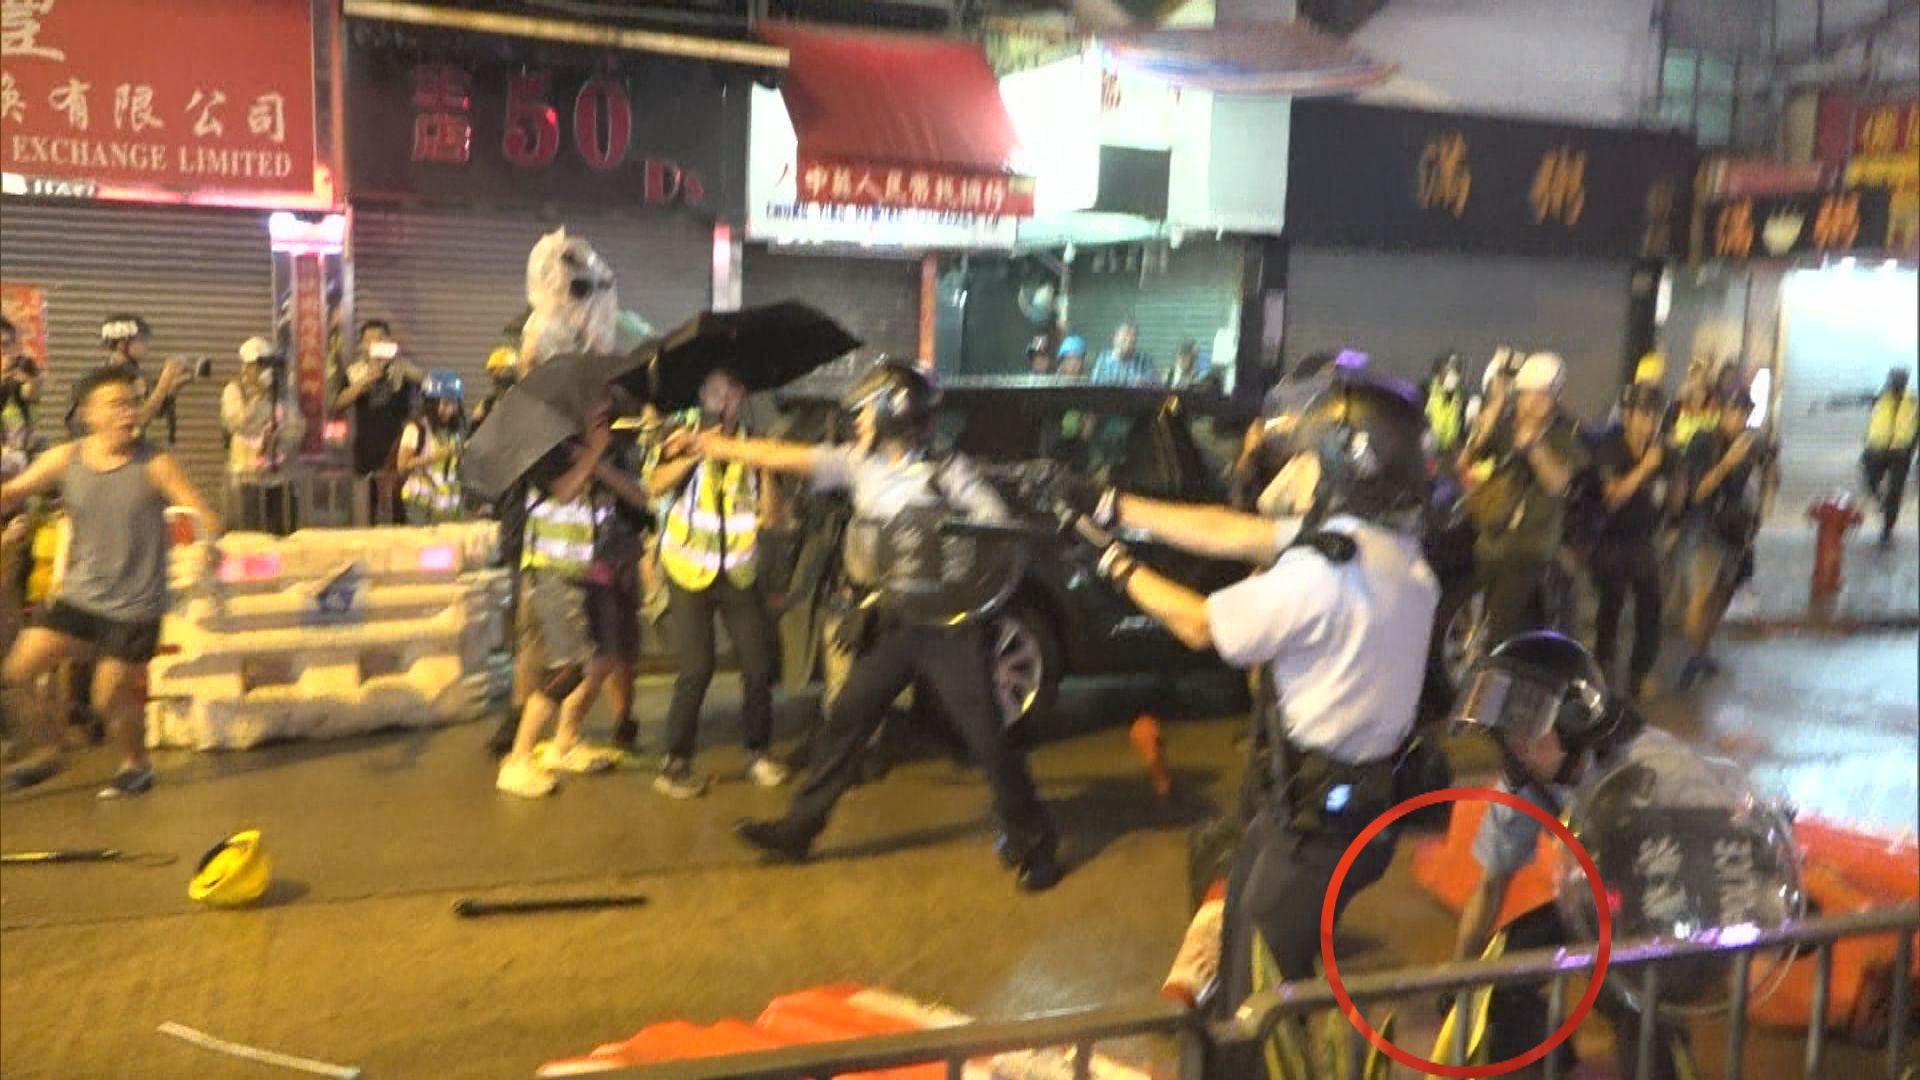 警稱開槍後有警員跌佩槍拾回